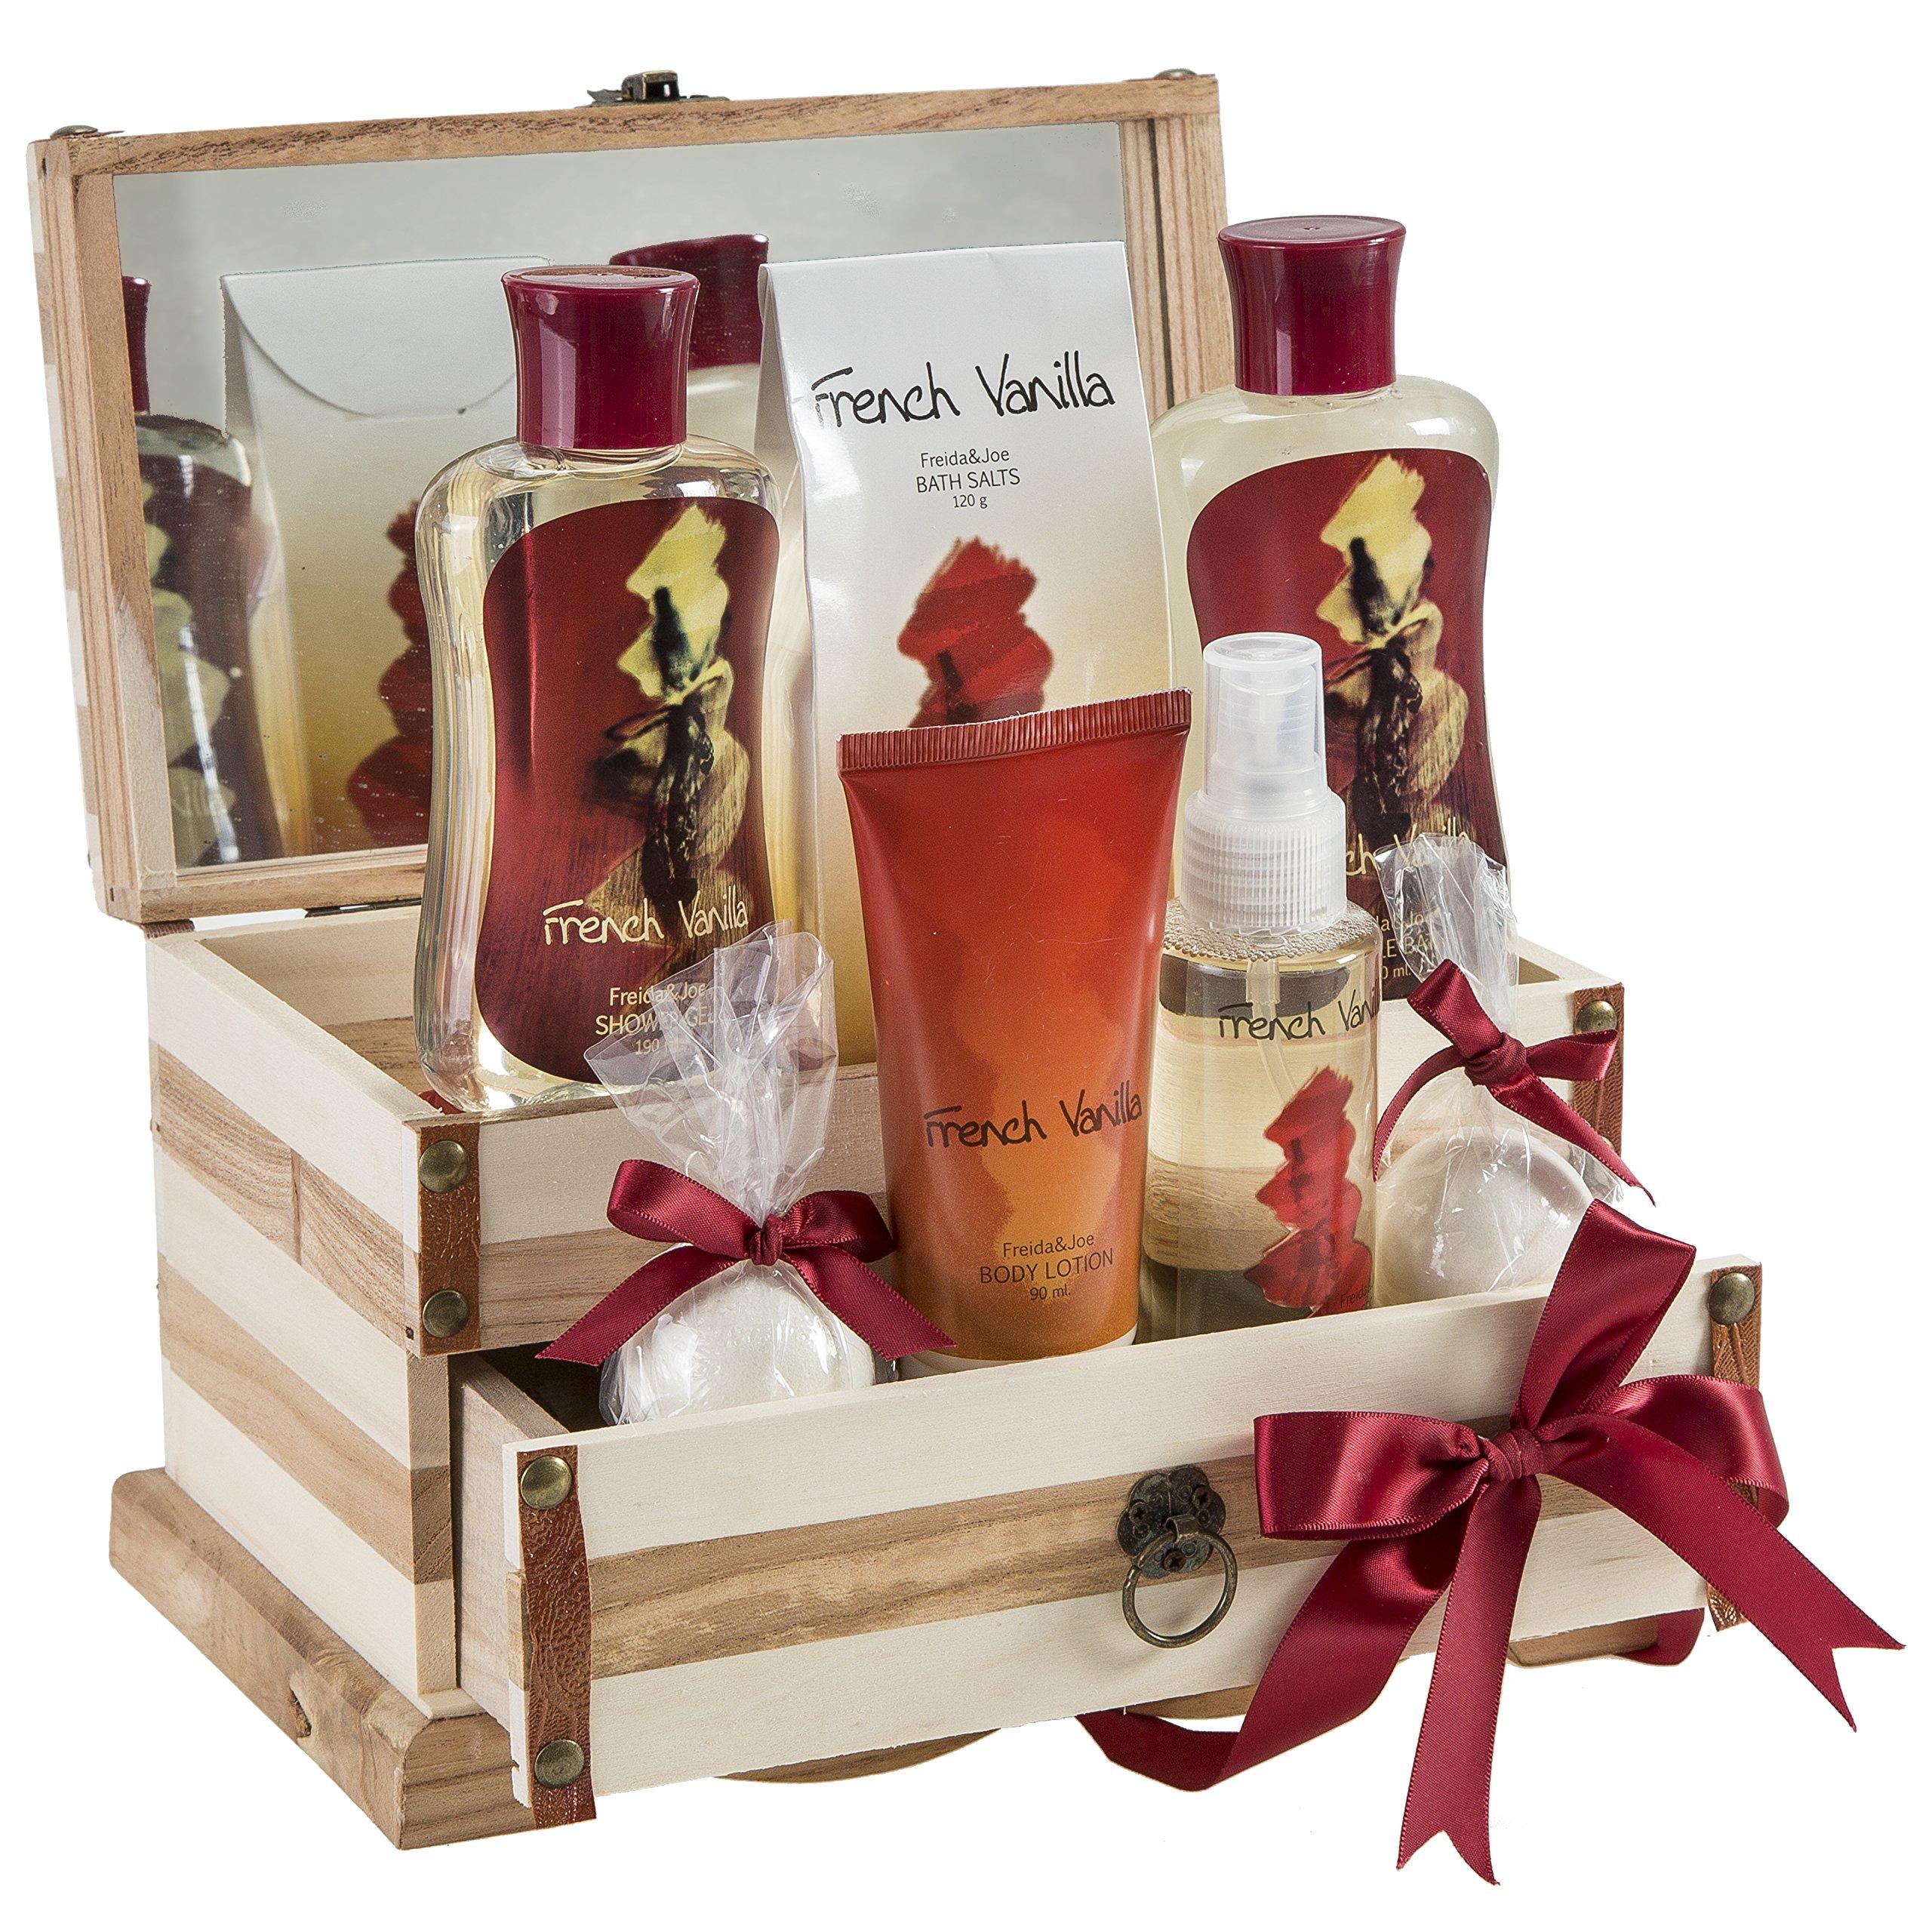 French Vanilla Bath Set, Essential Bath and Body Basket: 2 Vanilla Bath Bombs, Vanilla Body Lotion, Body Spray, Bath Salts, Shower Gel, Bubble Bath, in A Luxury Wooden Jewelry Box - Gift for Women